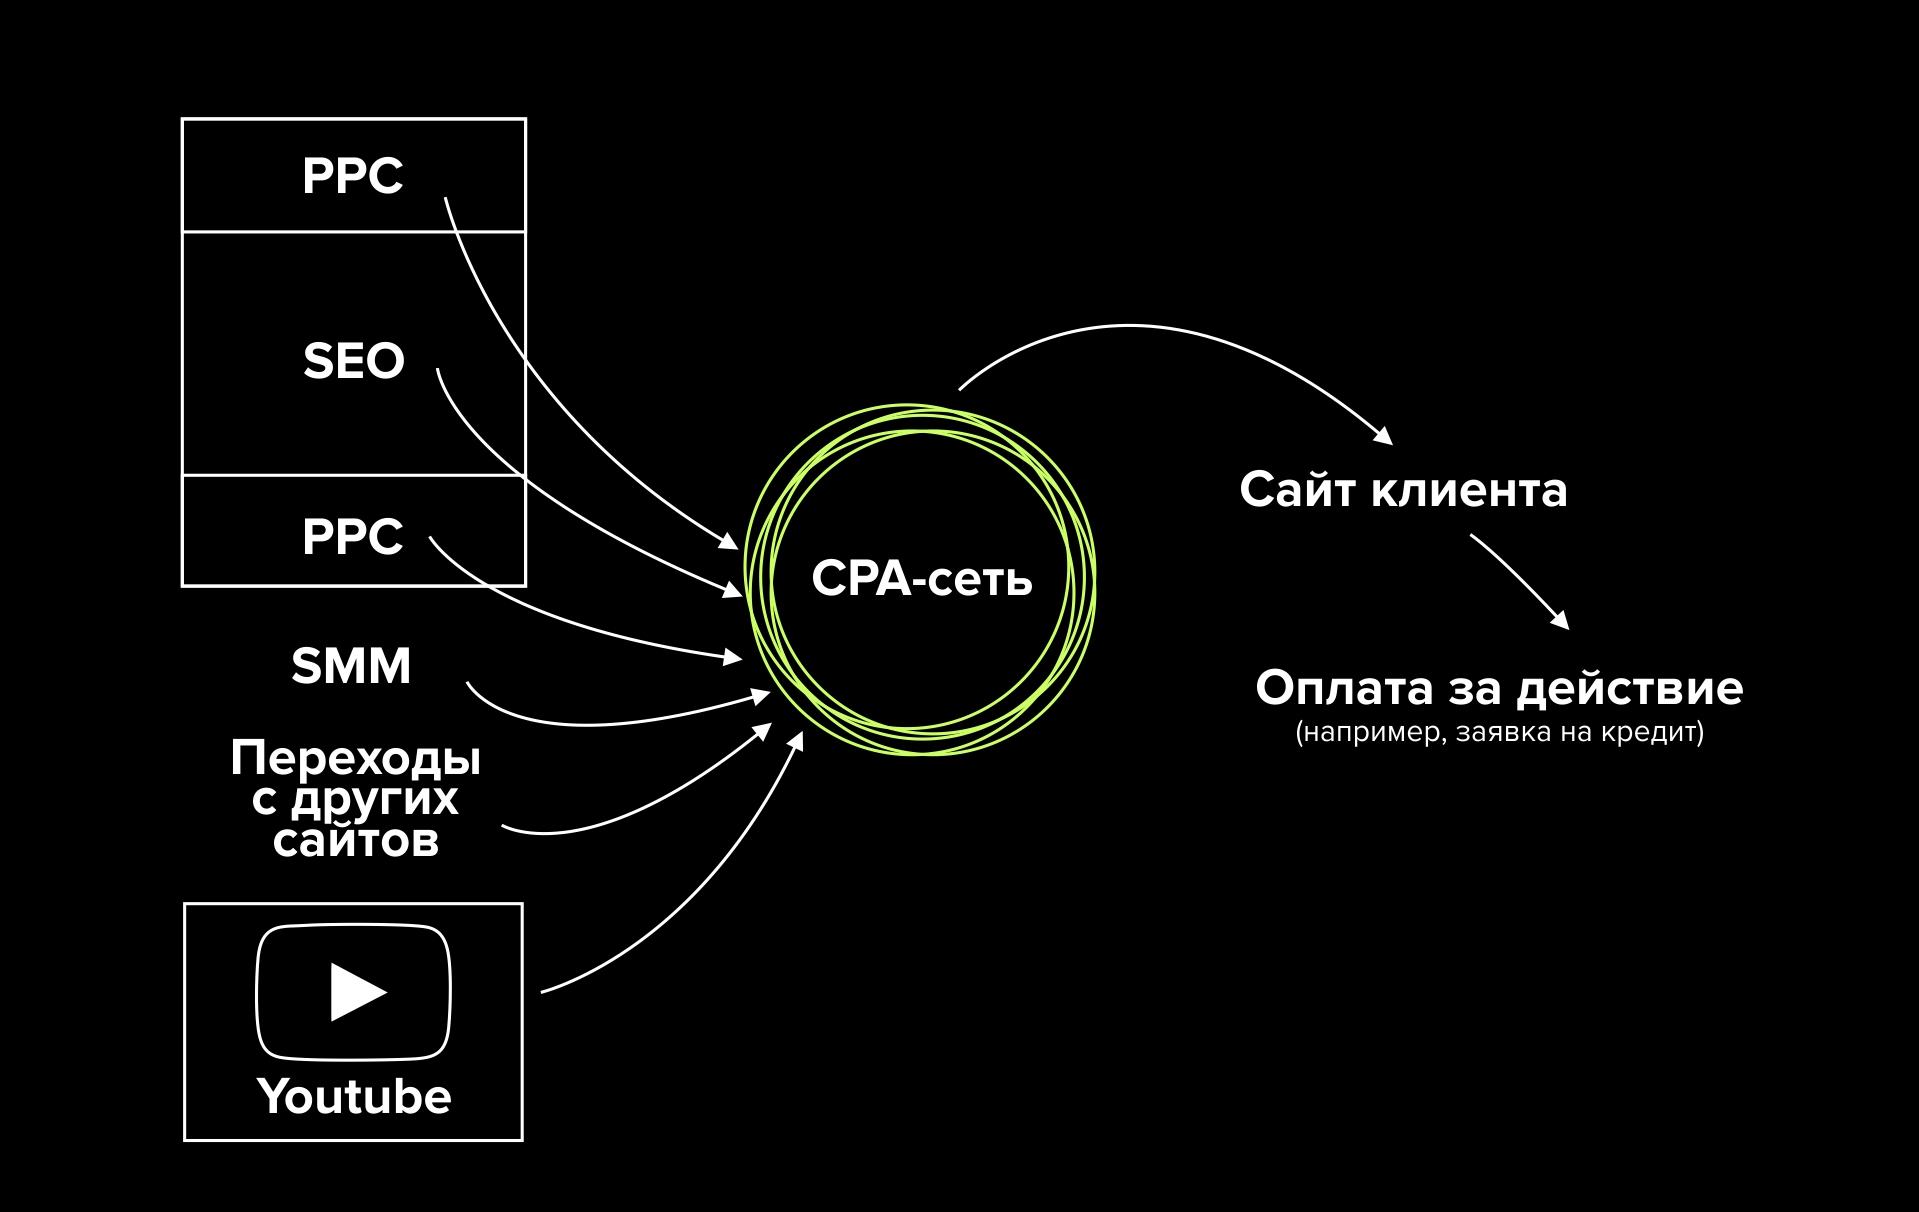 Cpo (cost per order) - что это такое в рекламе?